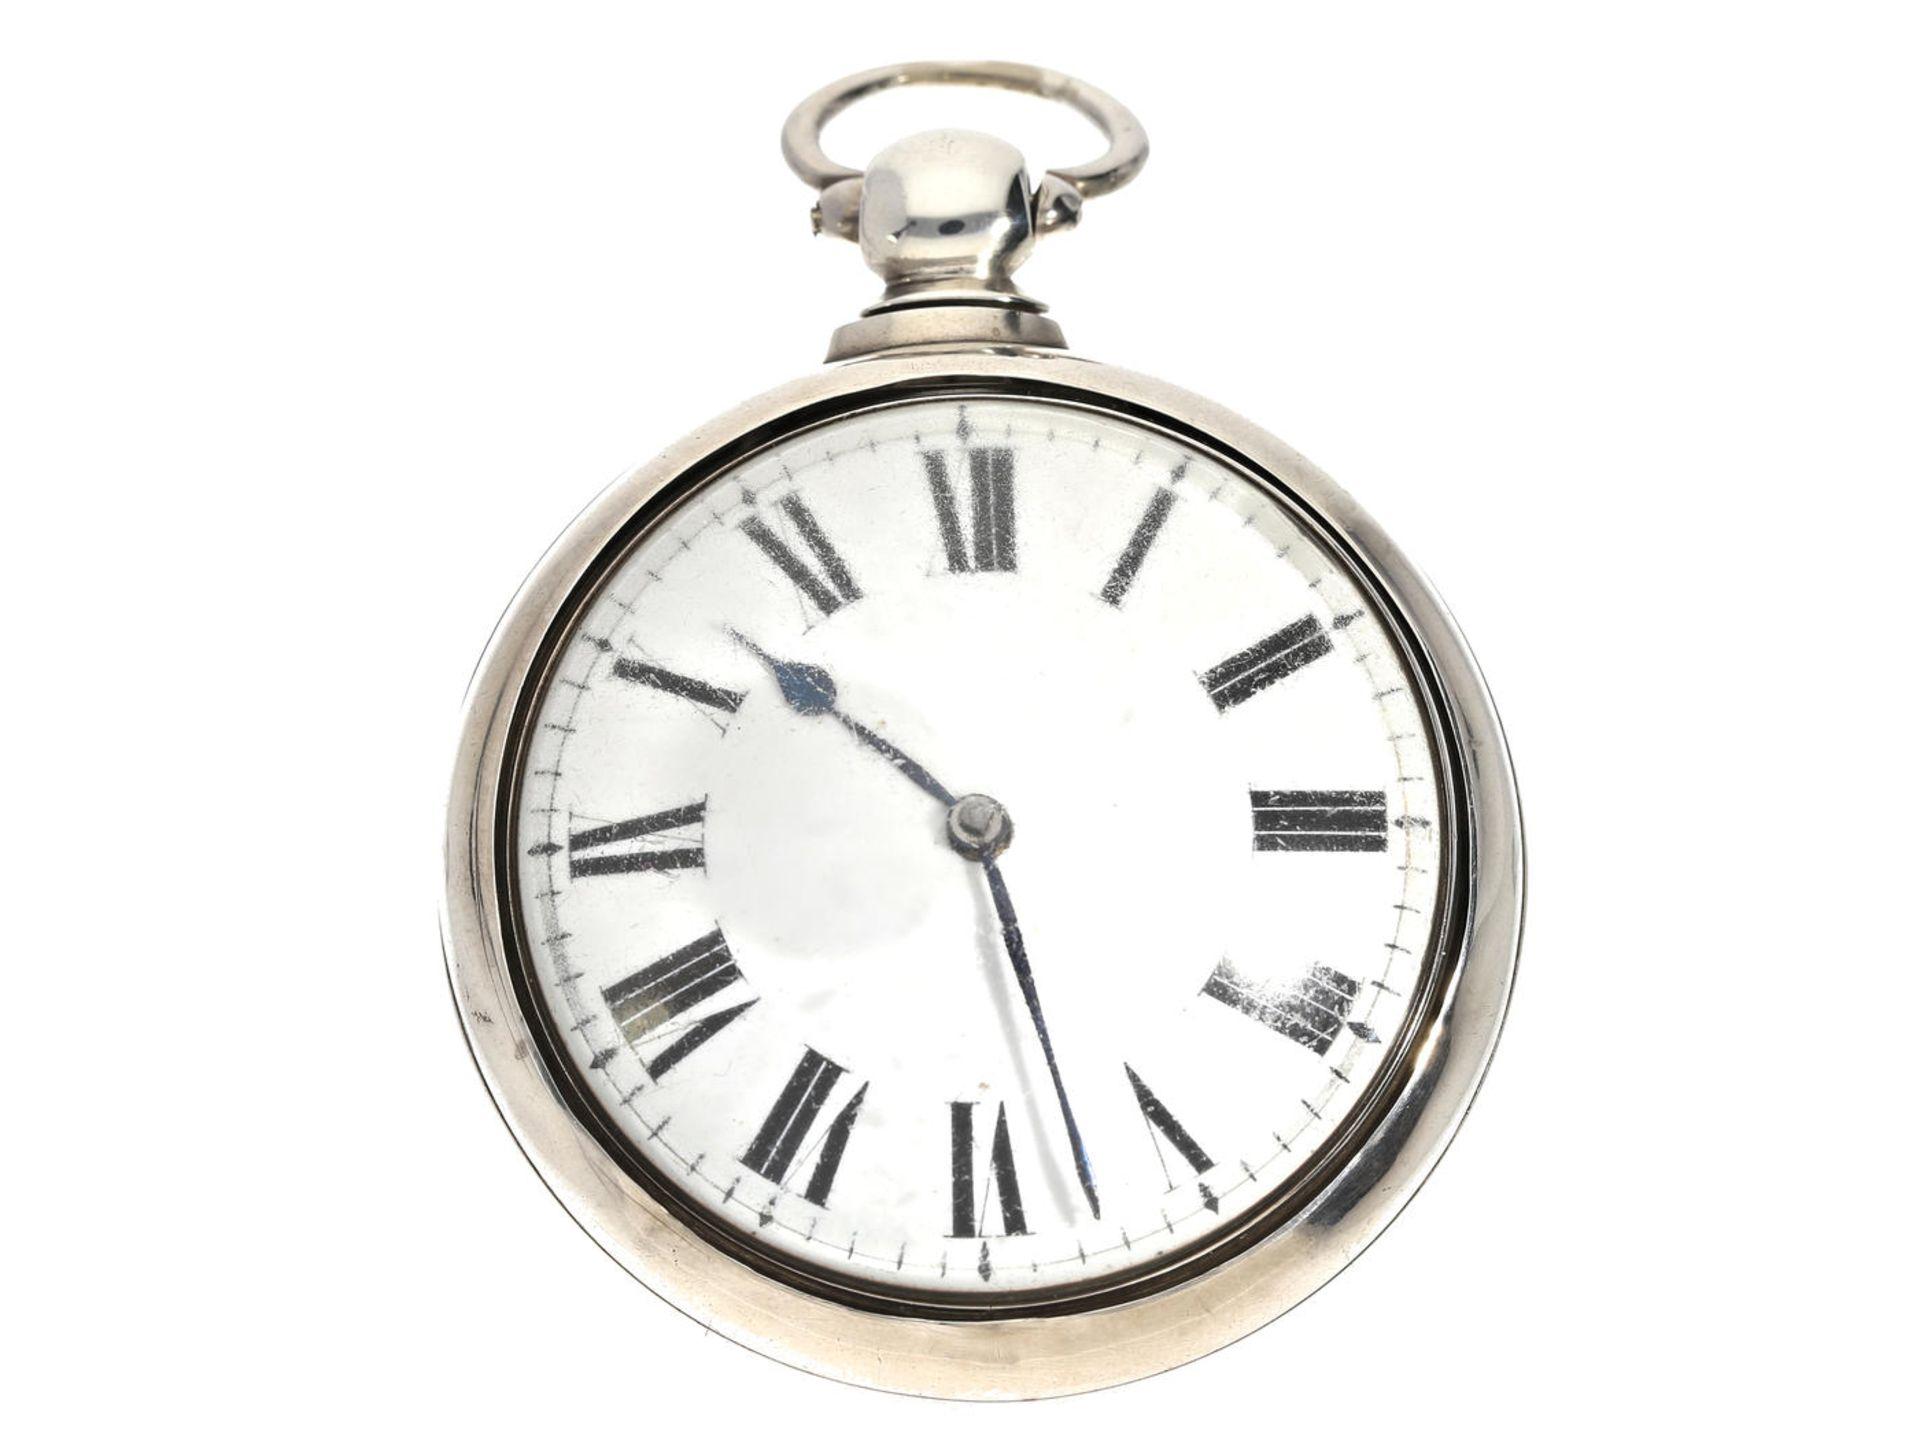 Los 6059 - Taschenuhr: sehr schöne und technisch interessante englische Doppelgehäuse-Taschenuhr mit